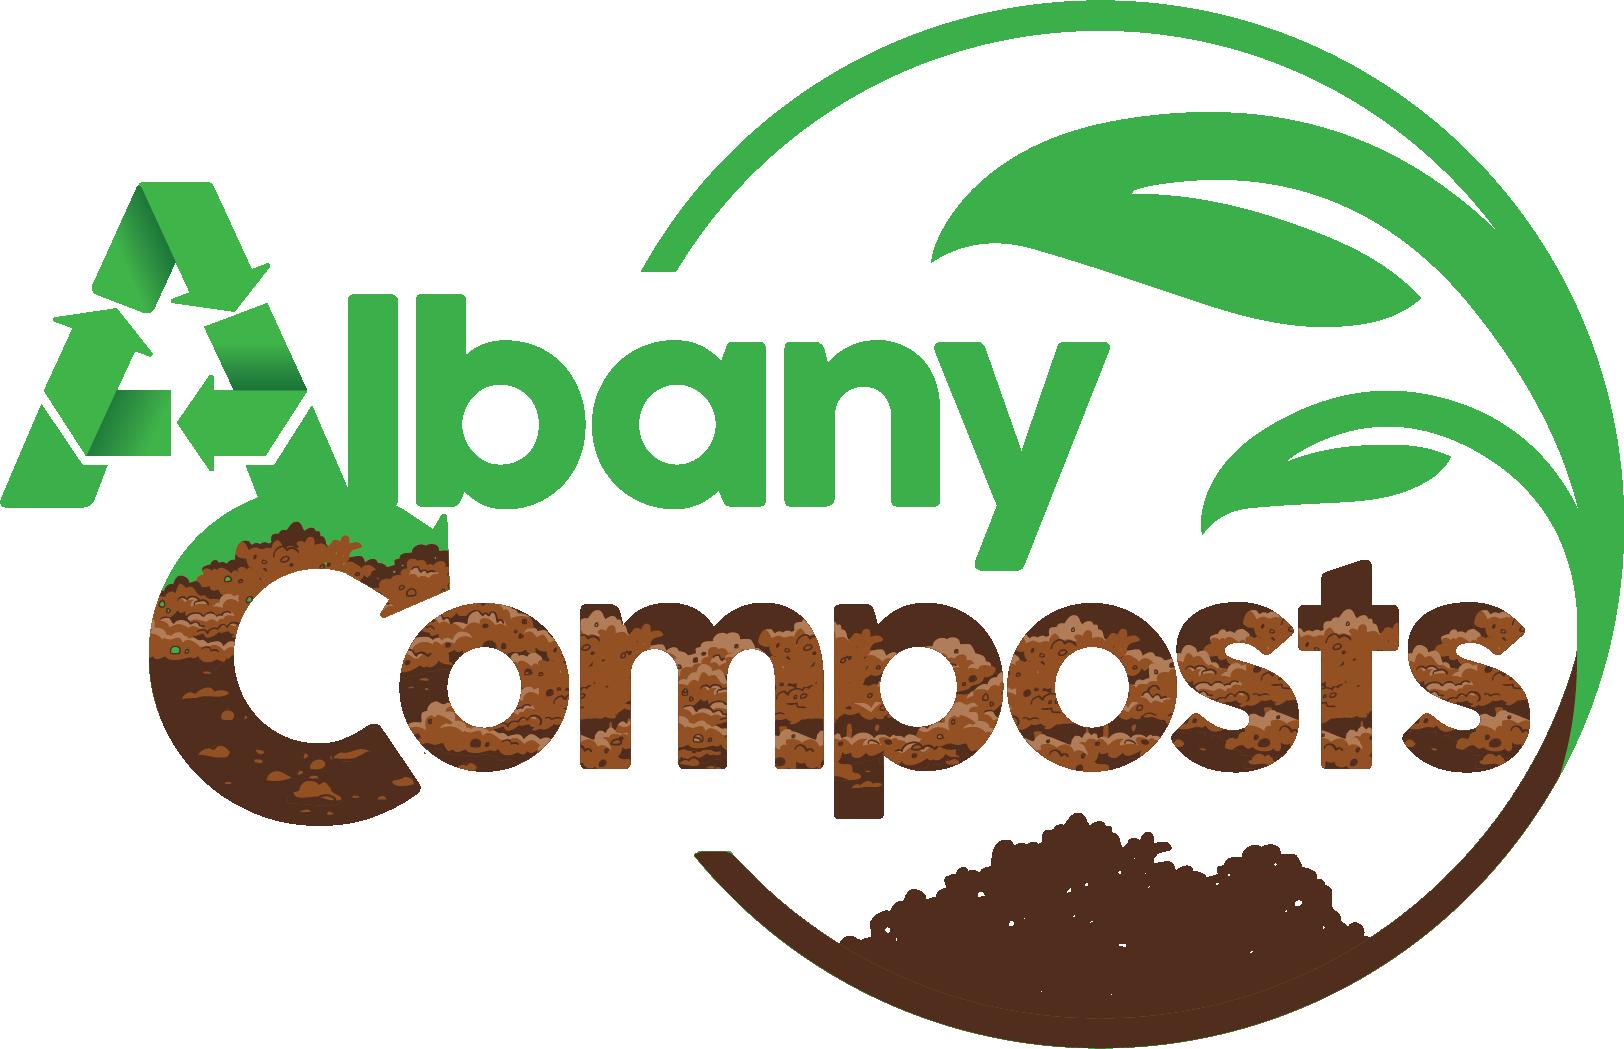 Back Yard Composting Registration Form